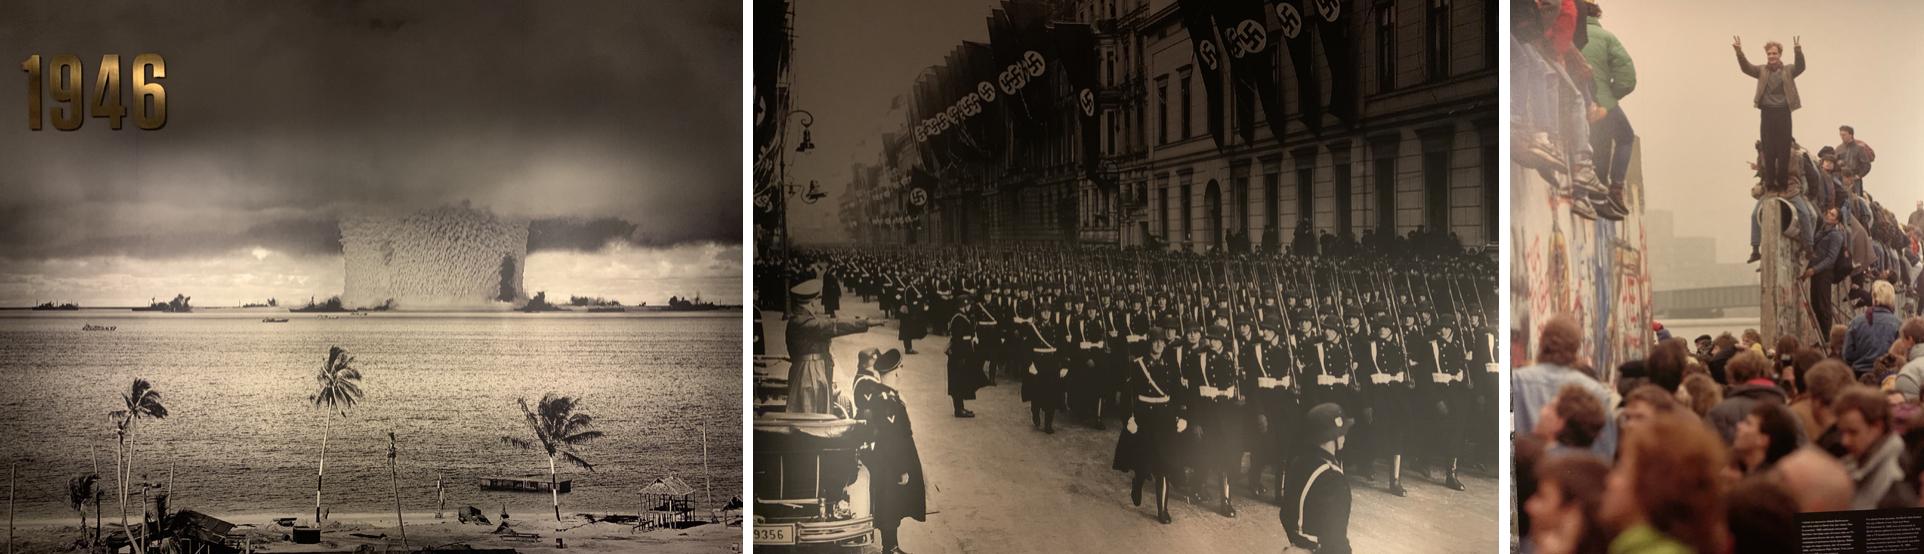 photographies des guerres mondiales